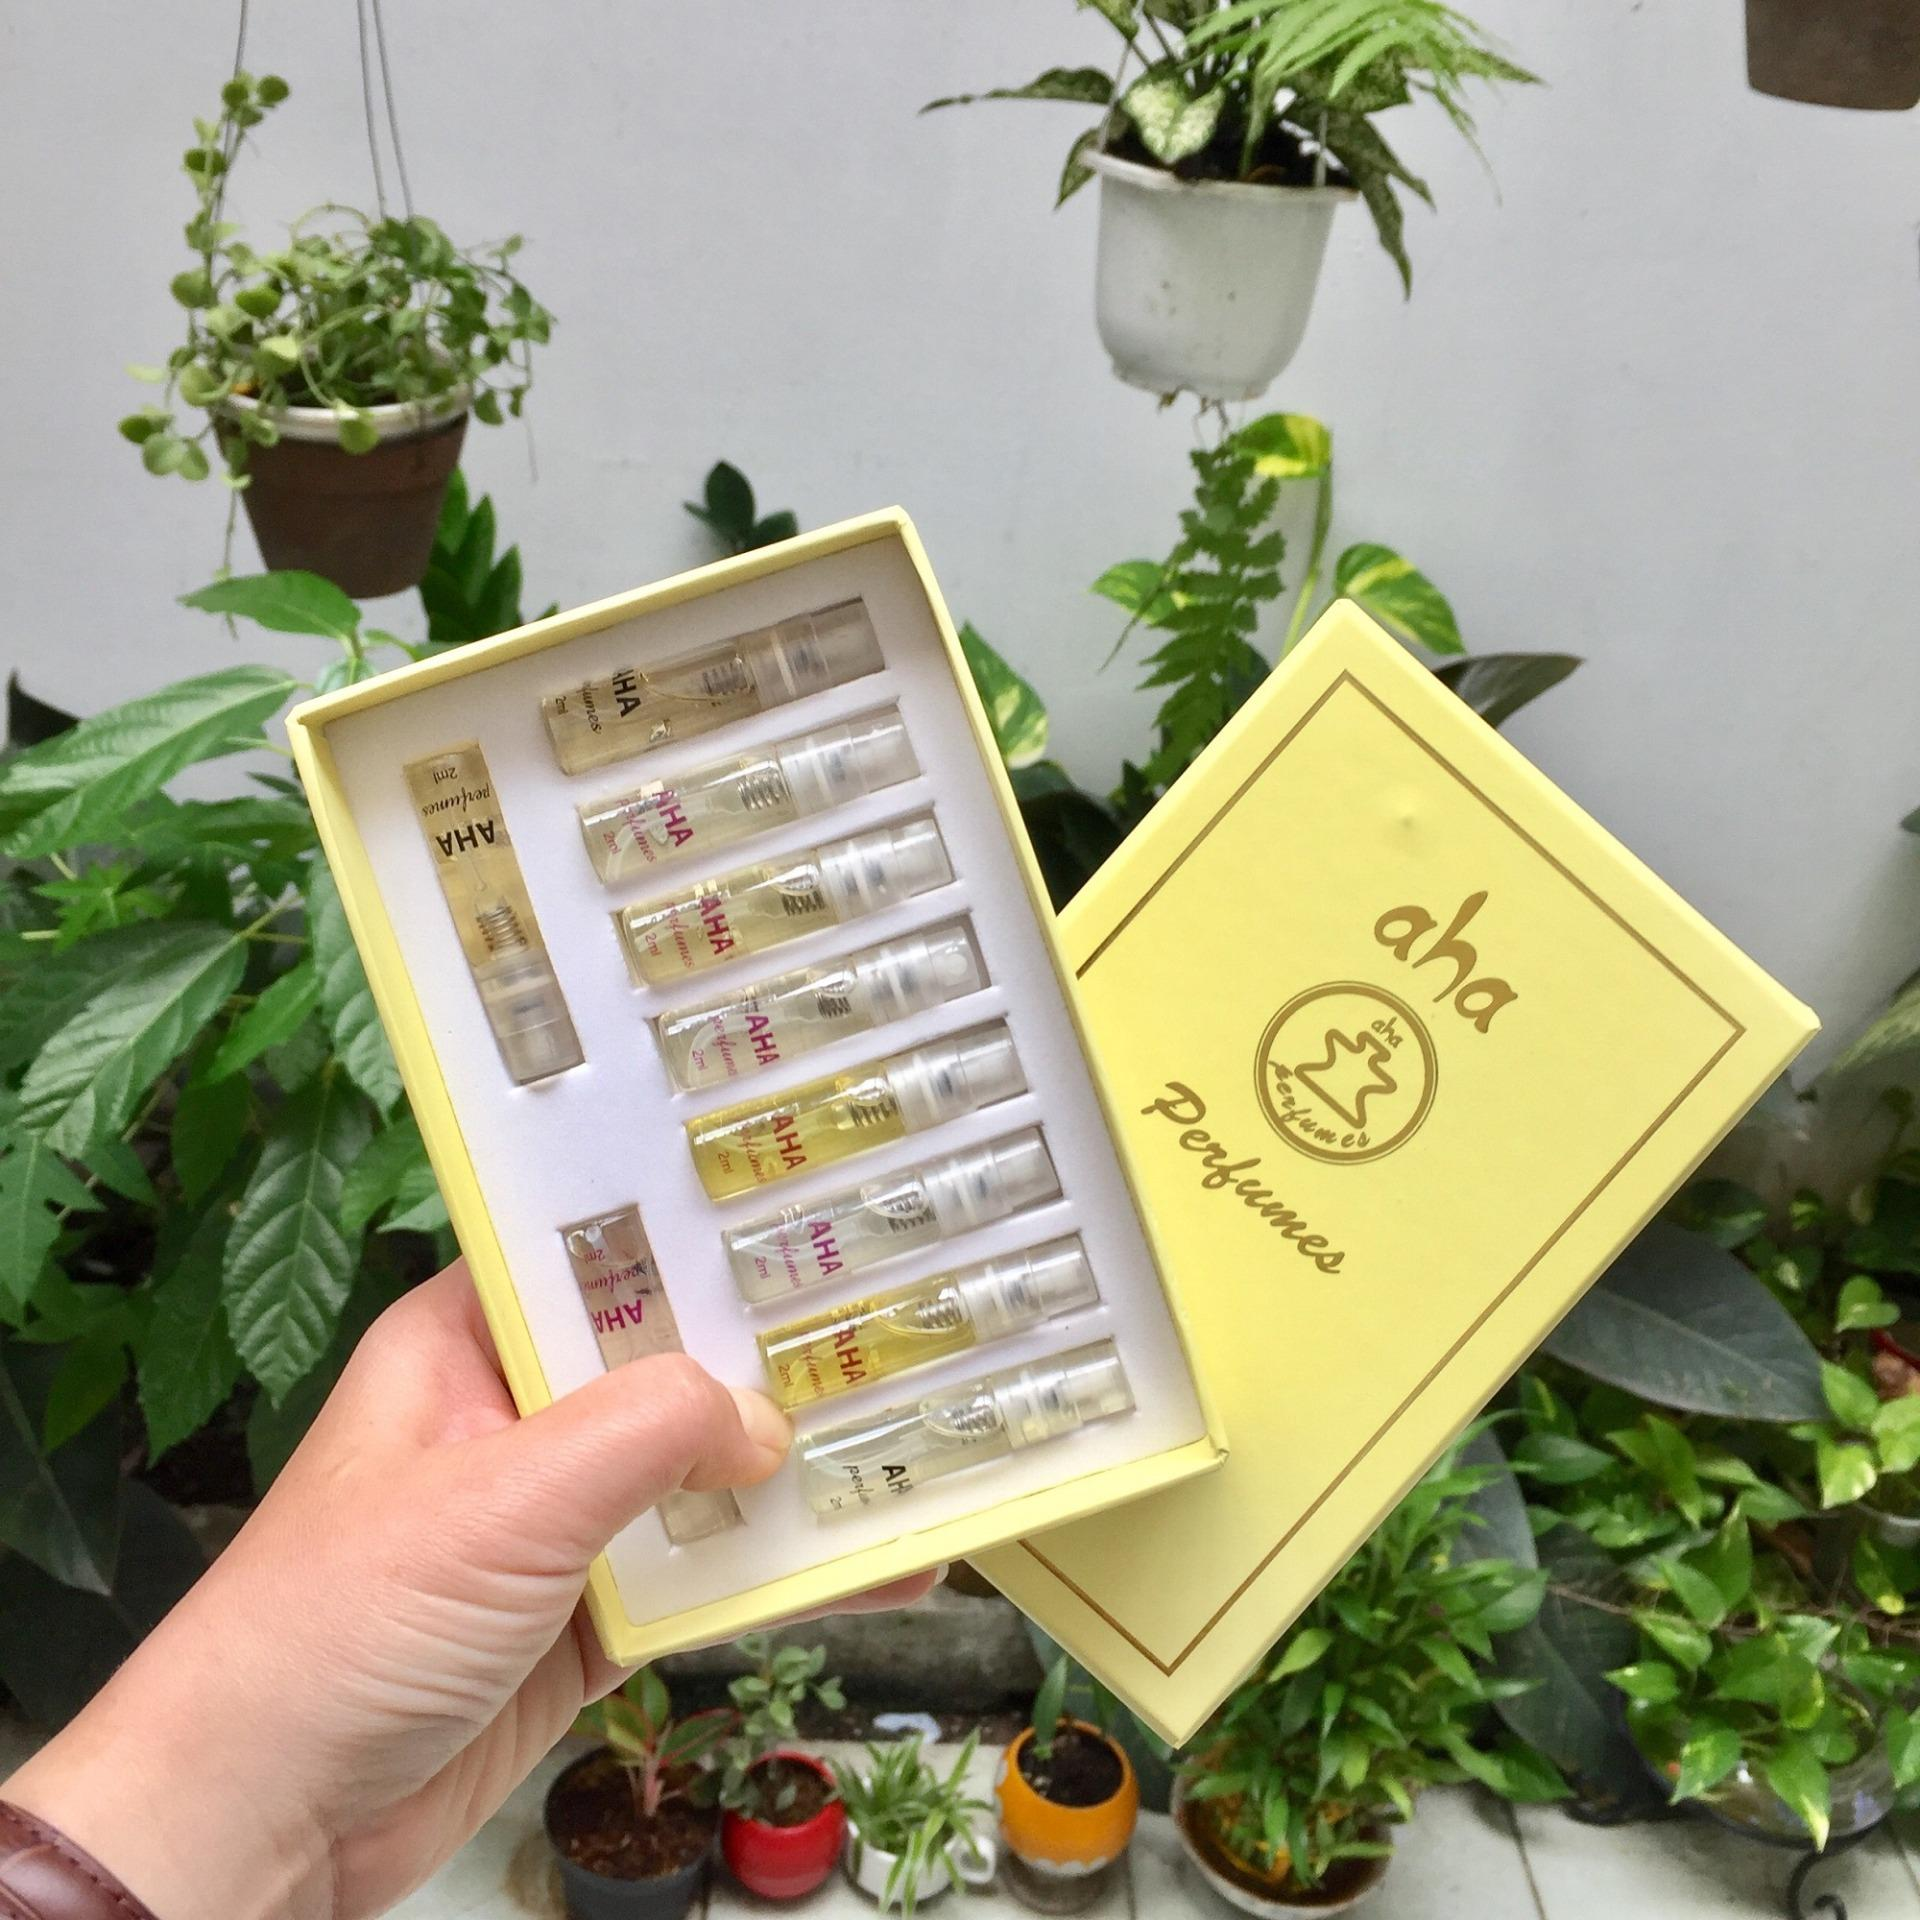 Combo 10 mẫu thử 2ml dạng xịt nước hoa nữ AHAPERFUMES